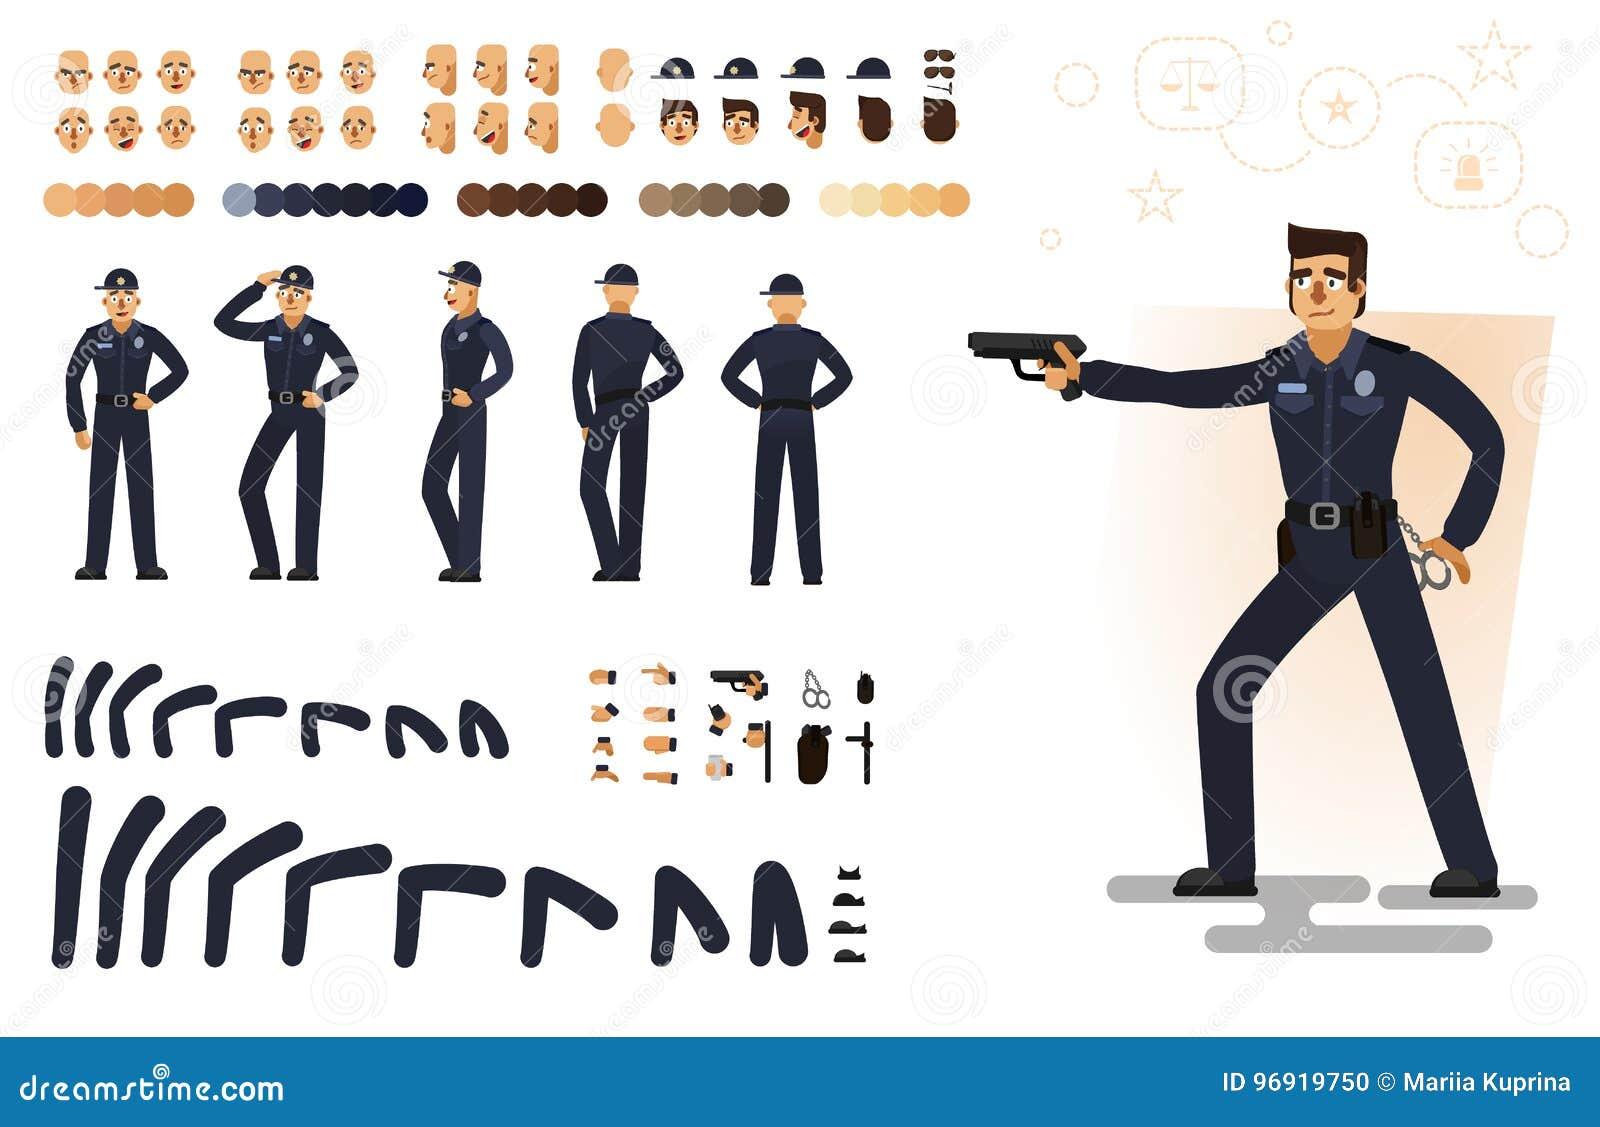 Τυποποιημένος αστυνομικός, επίπεδη διανυσματική απεικόνιση Σύνολο διαφορετικών στοιχείων, συγκινήσεις, χειρονομίες, μέλη του σώμα